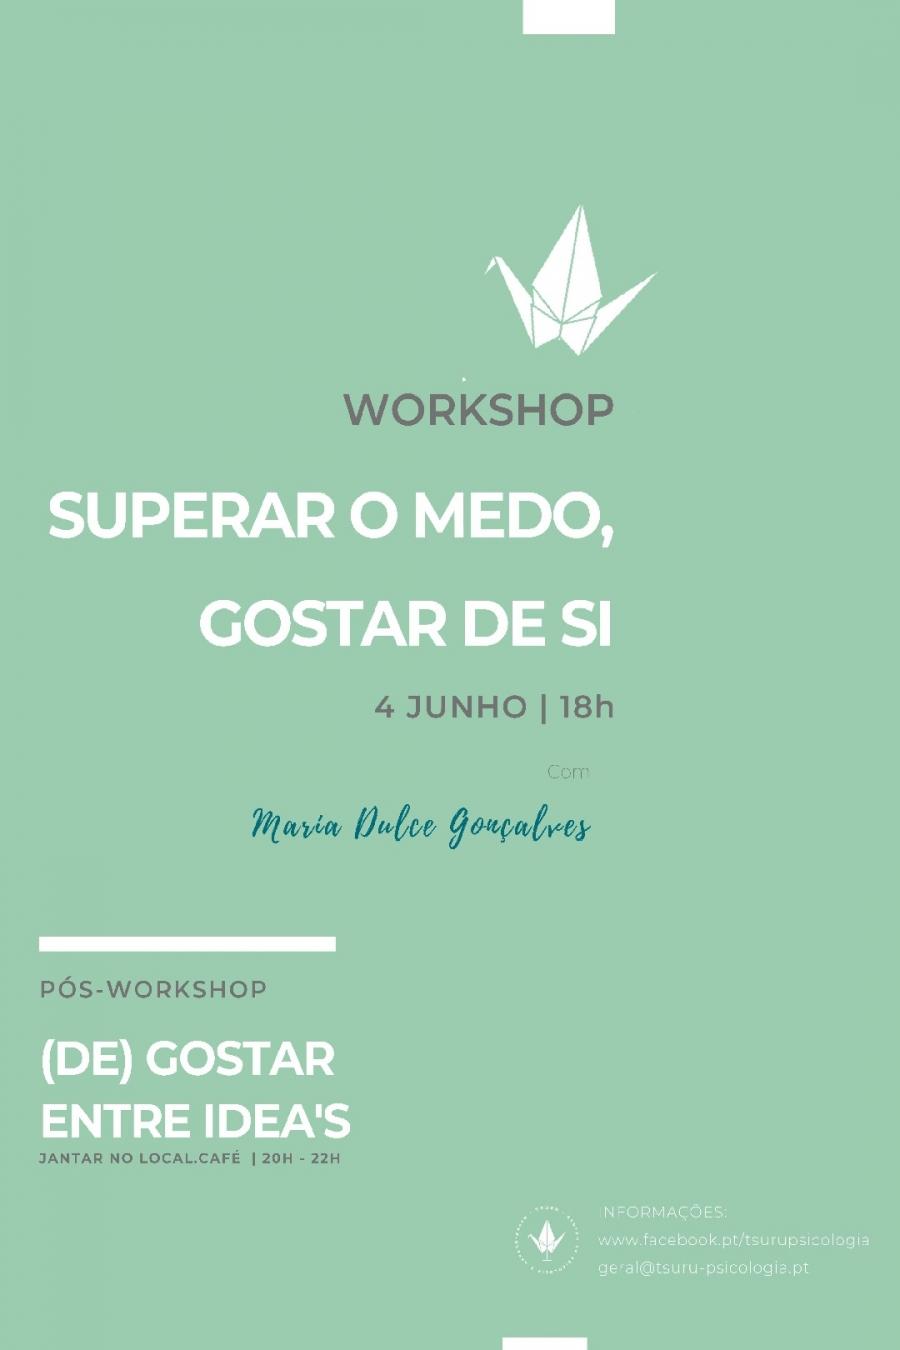 Workshop 'Superar o Medo, Gostar de Si!', com Maria Dulce Gonçalves